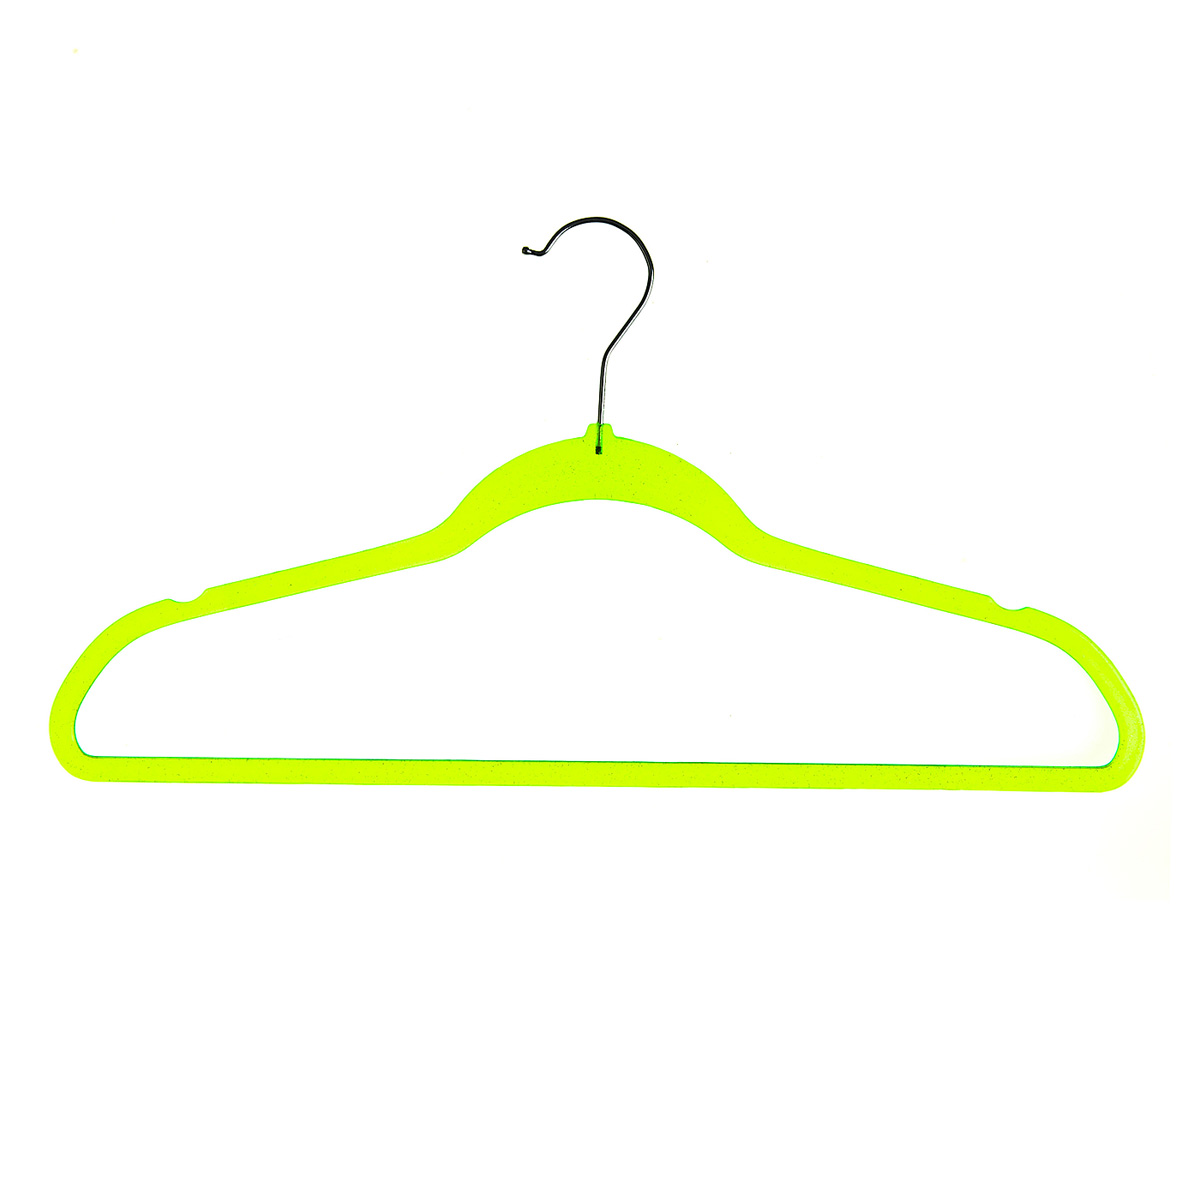 Вешалка HomeQueen, акриловая, с перекладиной, цвет: зеленый, длина 45 см70697Вешалка для одежды HomeQueen, выполненная из акрила и металла, идеально подойдет для разного вида одежды. Она имеет надежный крючок и перекладину для брюк.Вешалка - это незаменимая вещь для того, чтобы ваша одежда всегда оставалась в хорошем состоянии.Размер вешалки: 45 х 0,5 х 22 см.